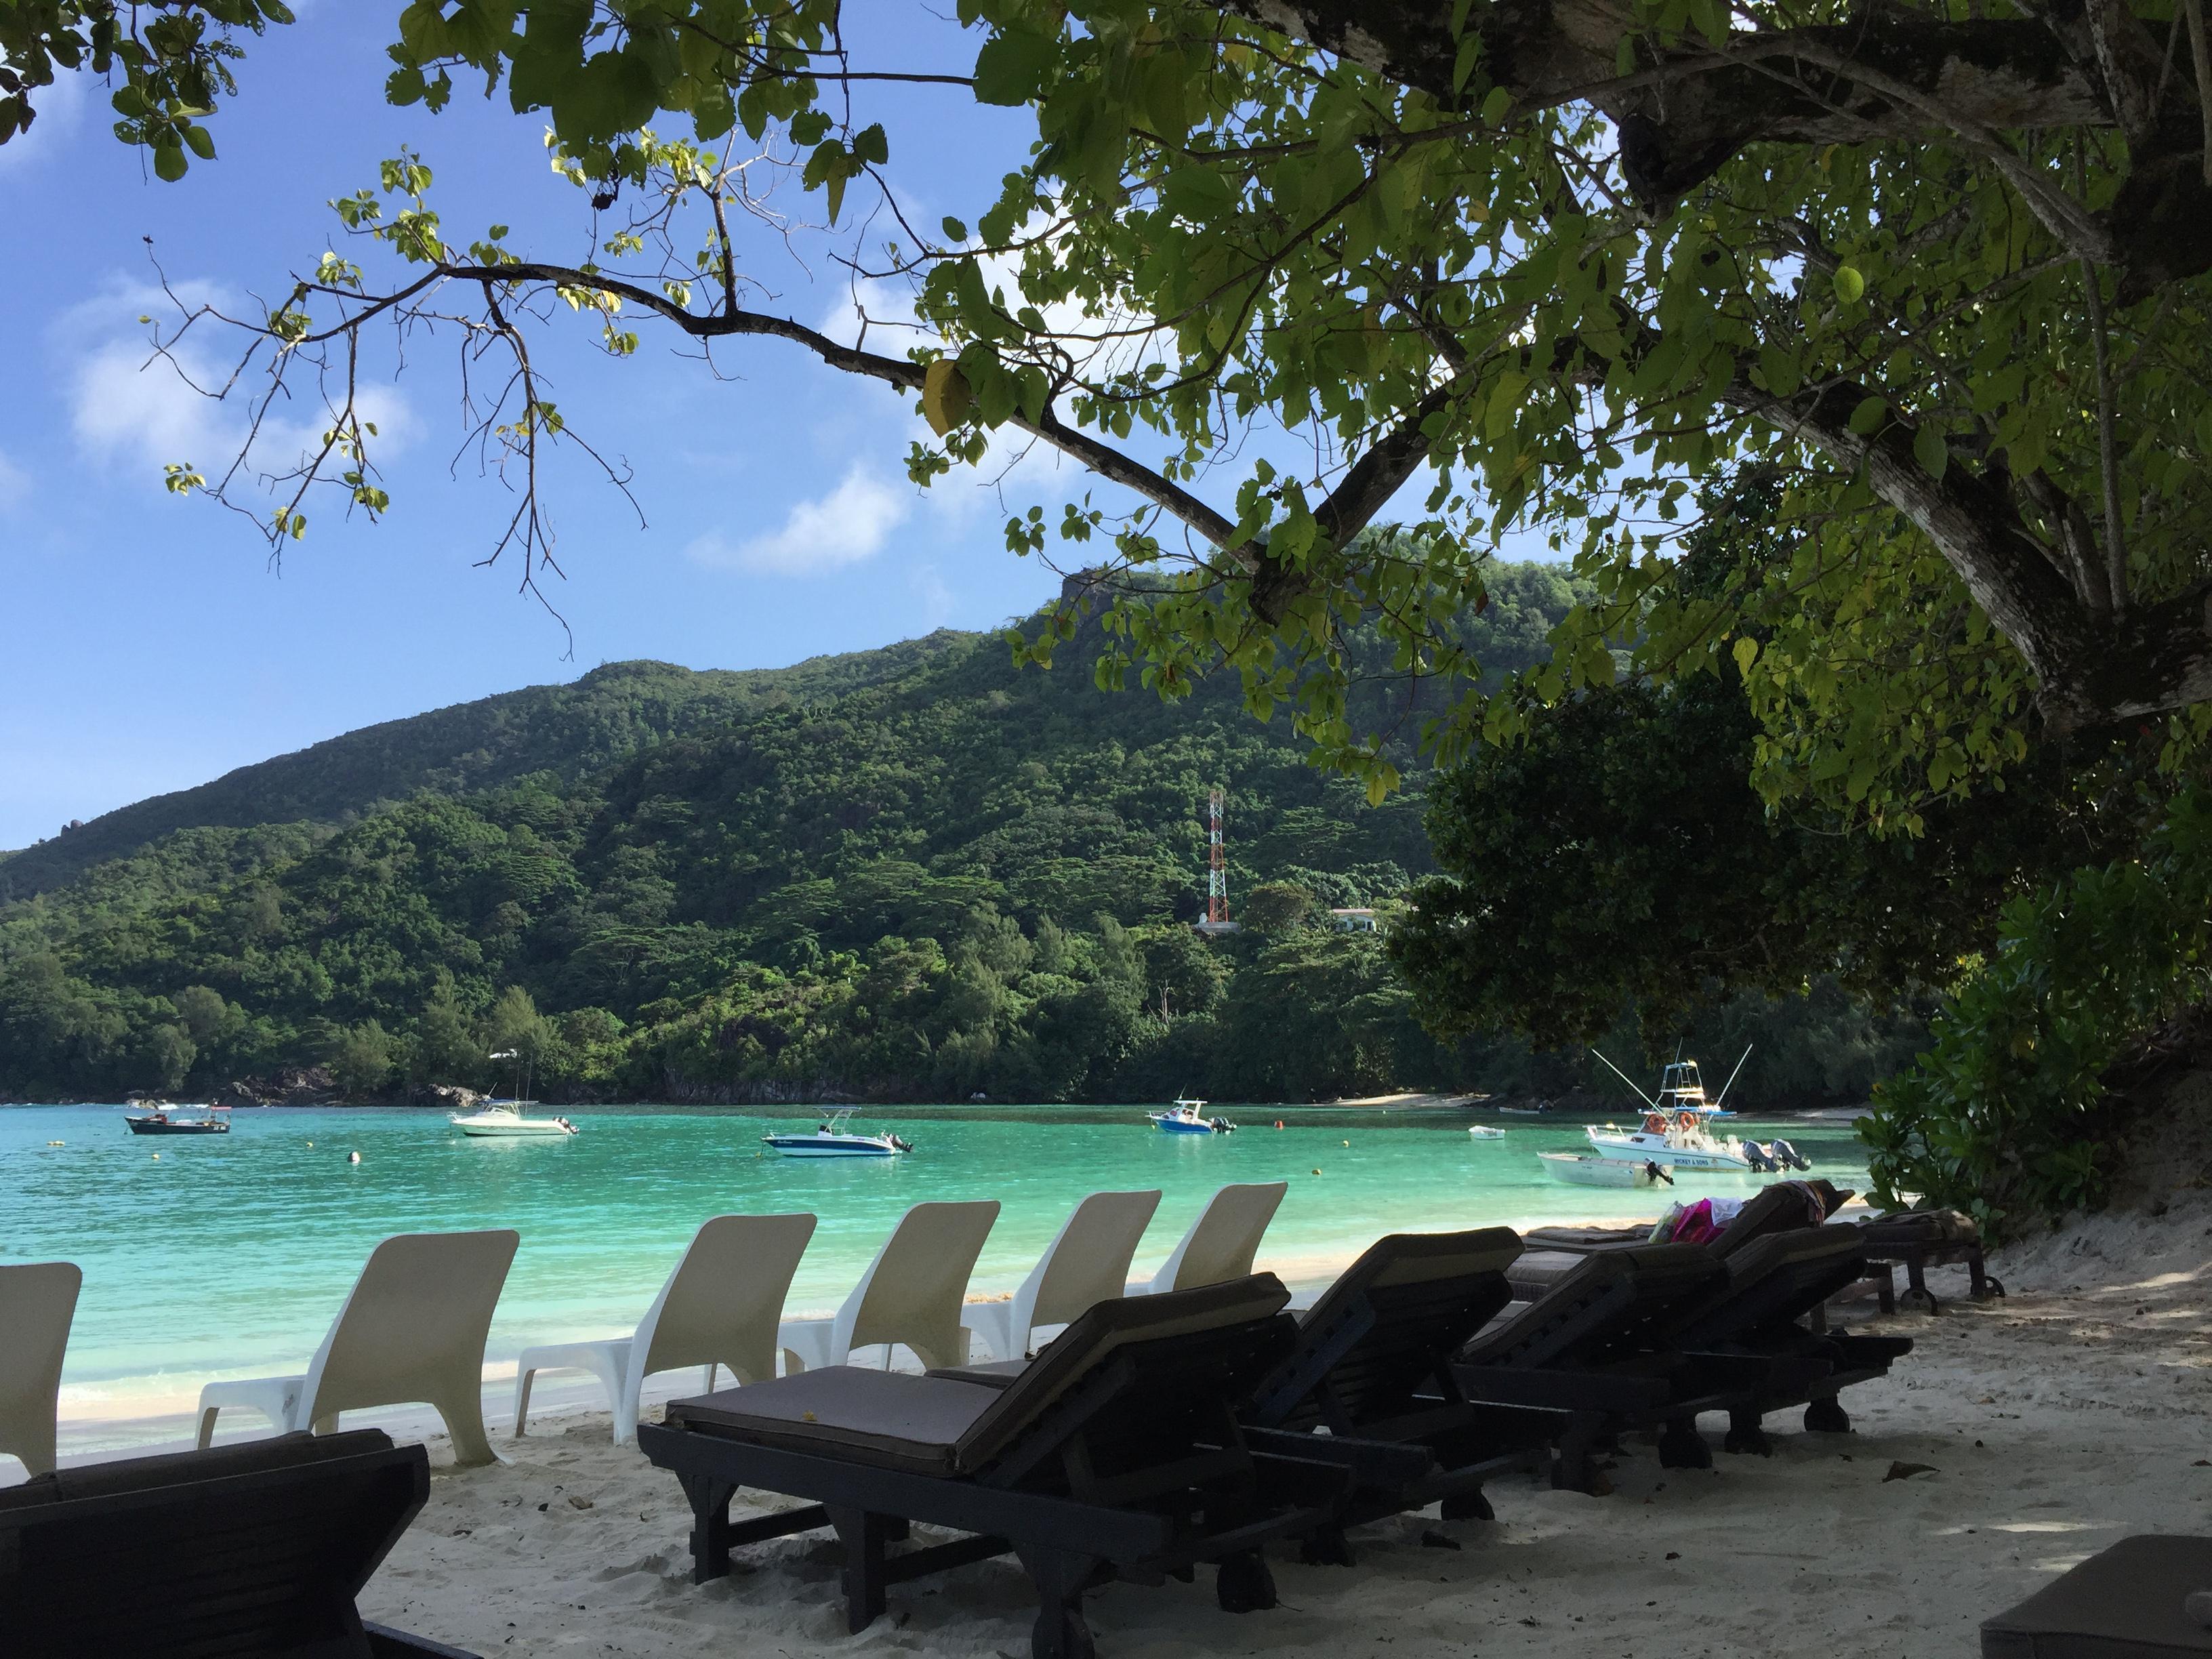 excursion to La digue island plantation